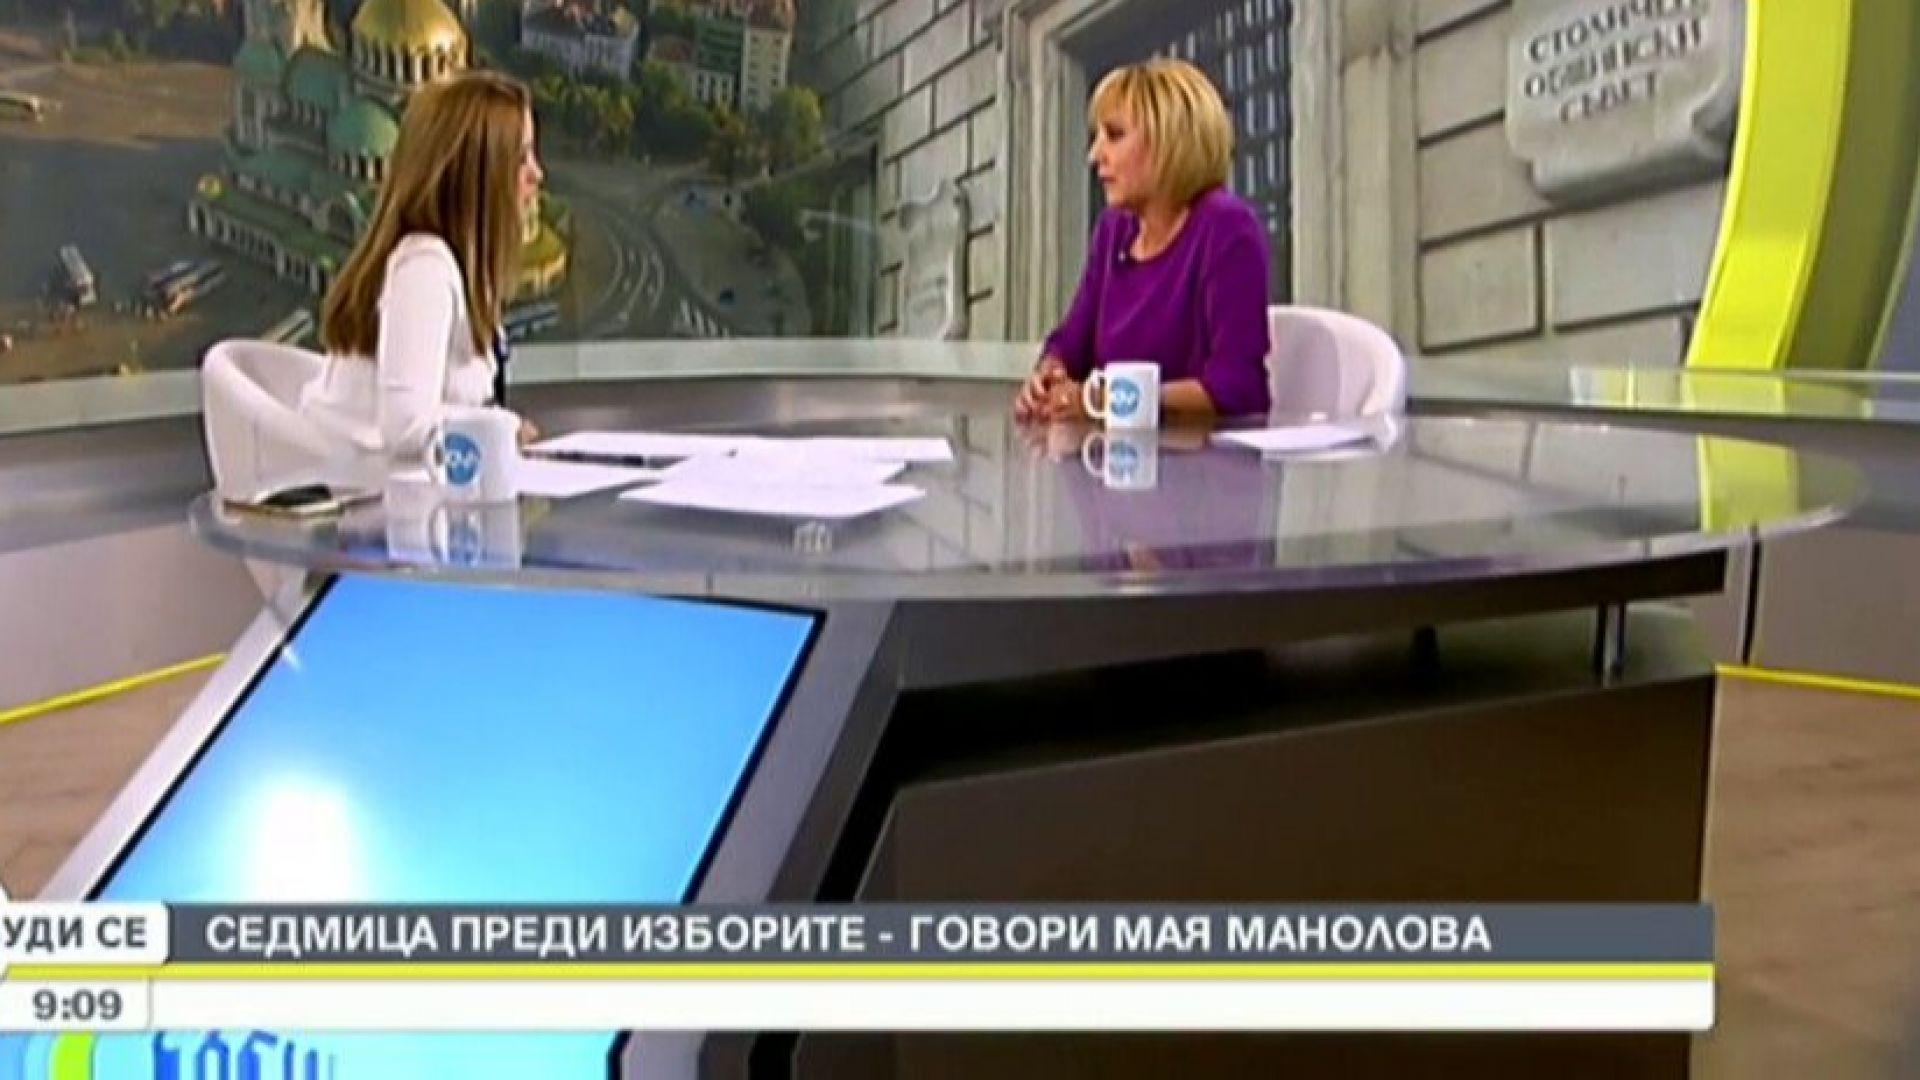 Мая Манолова: Малка група е окупирала властта, но по-многобройни сме ние - гражданите